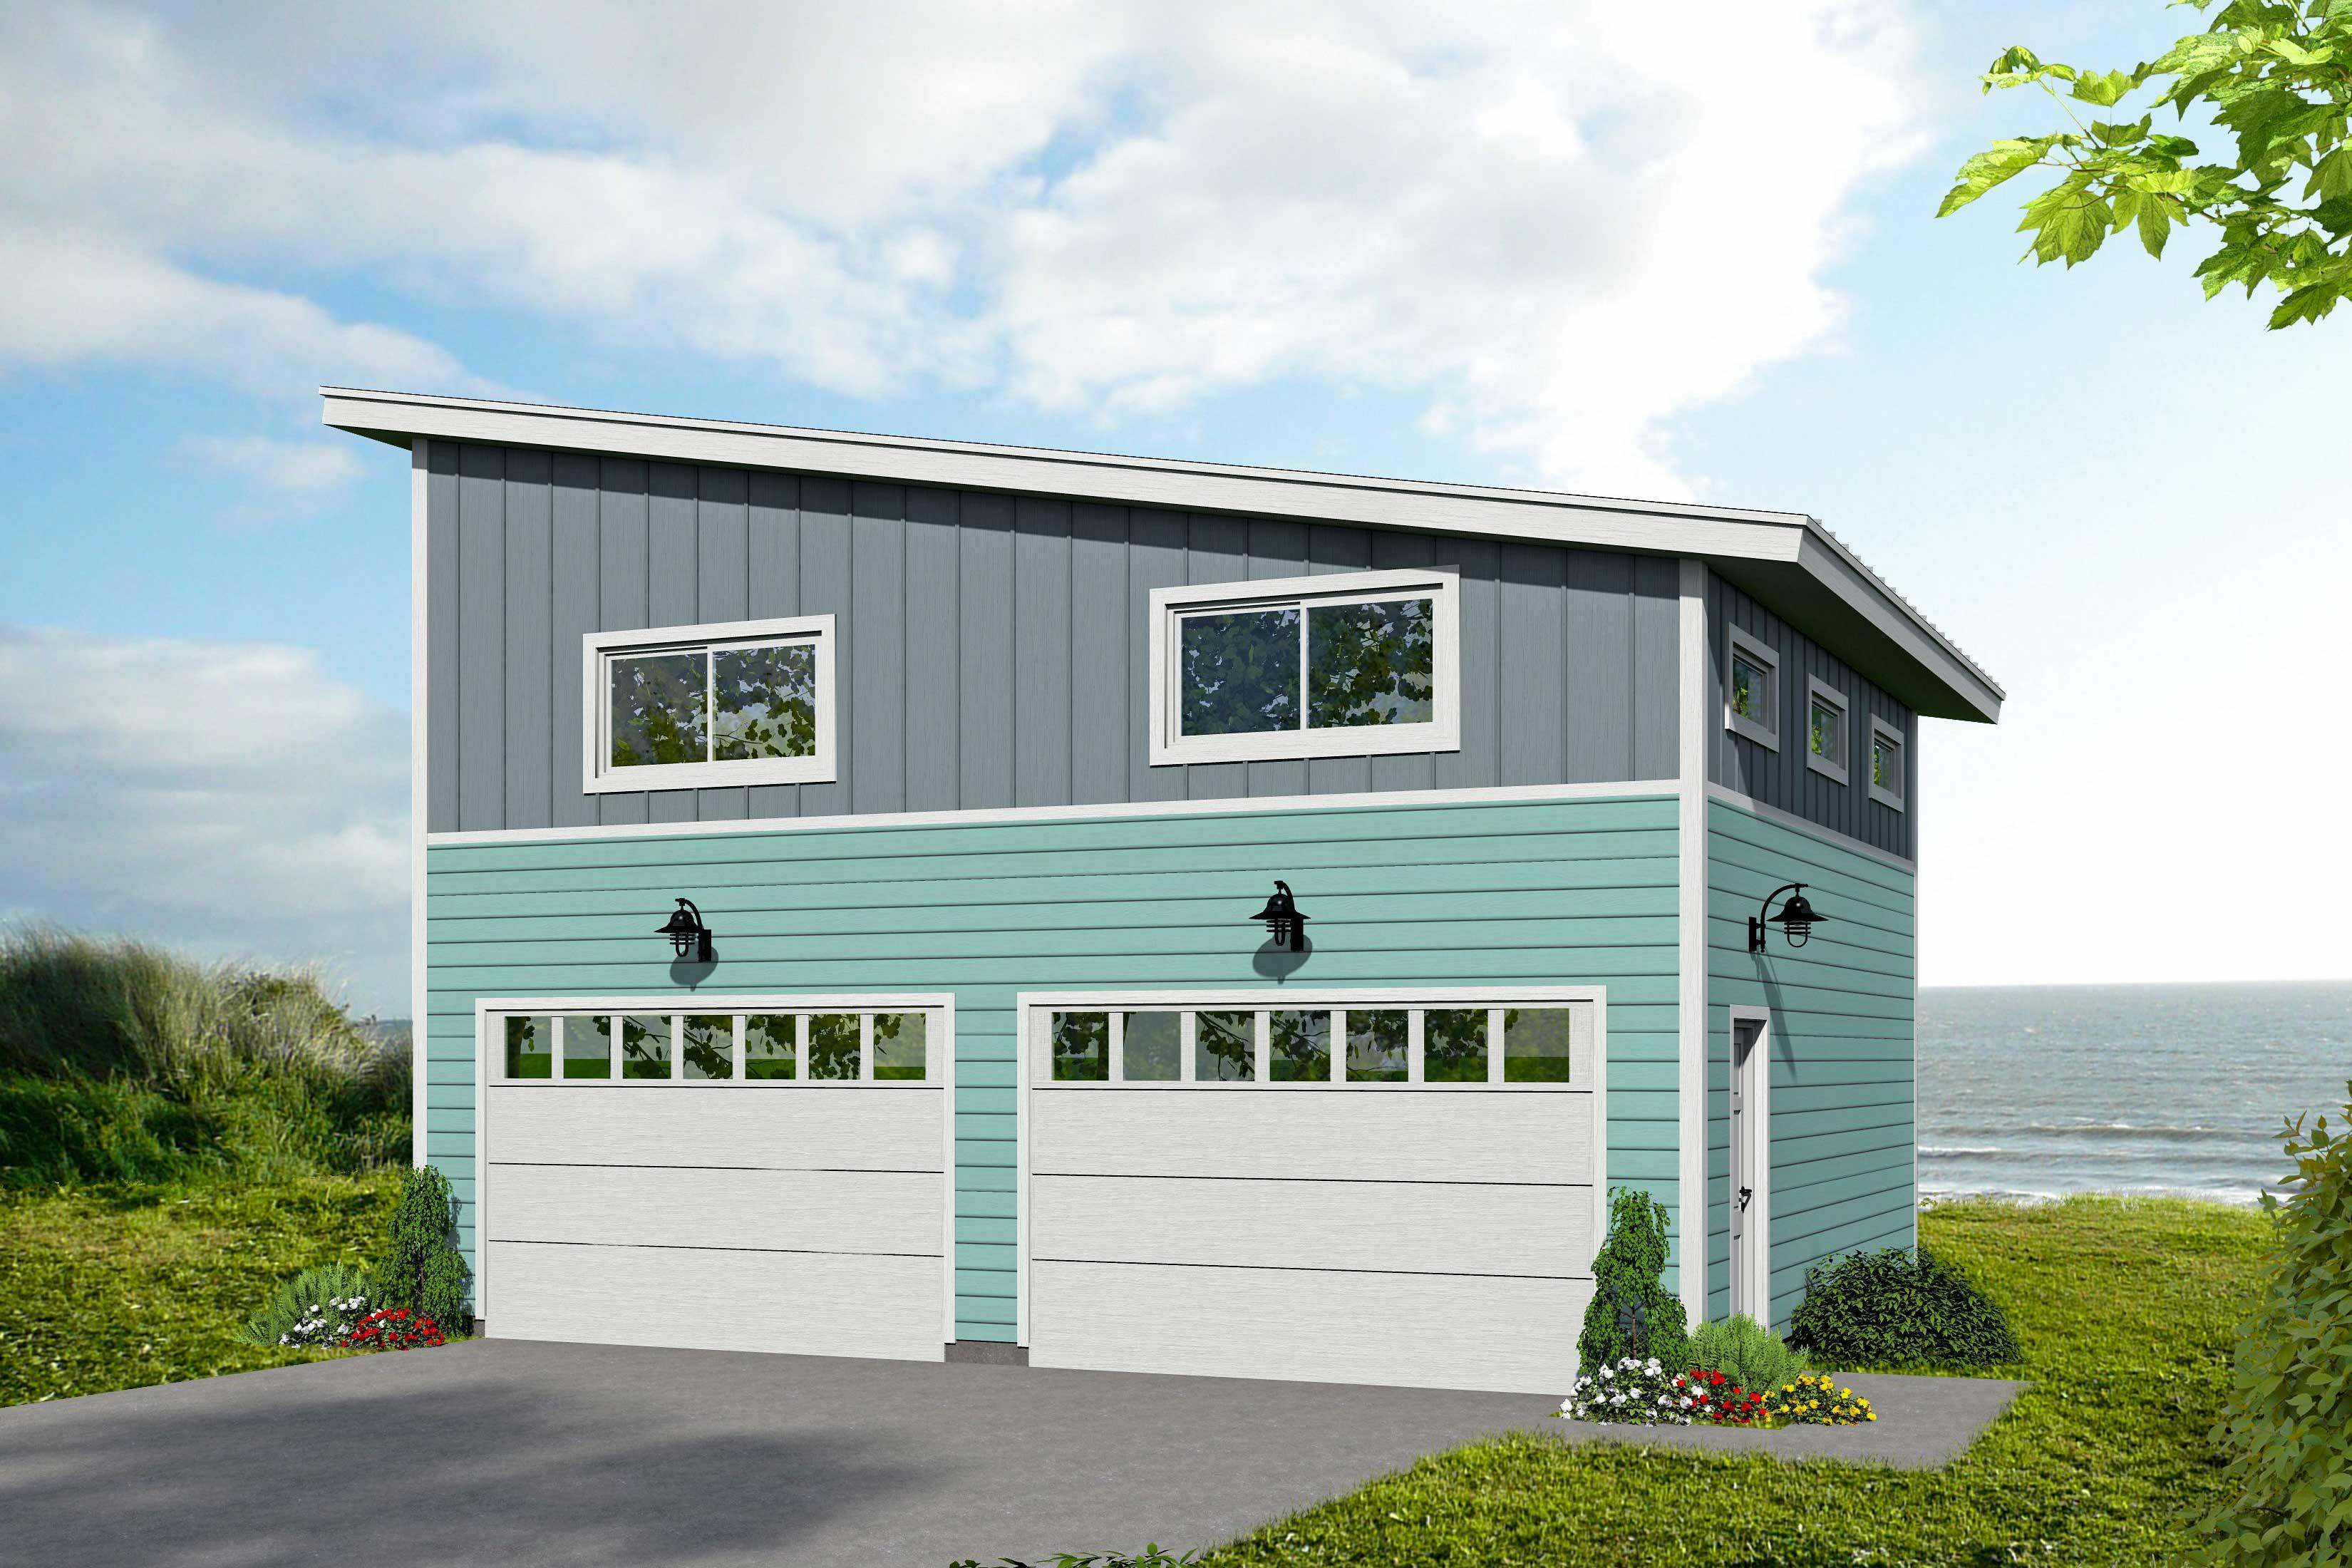 Modern Garage Plan With Upstairs Loft Space 68554vr